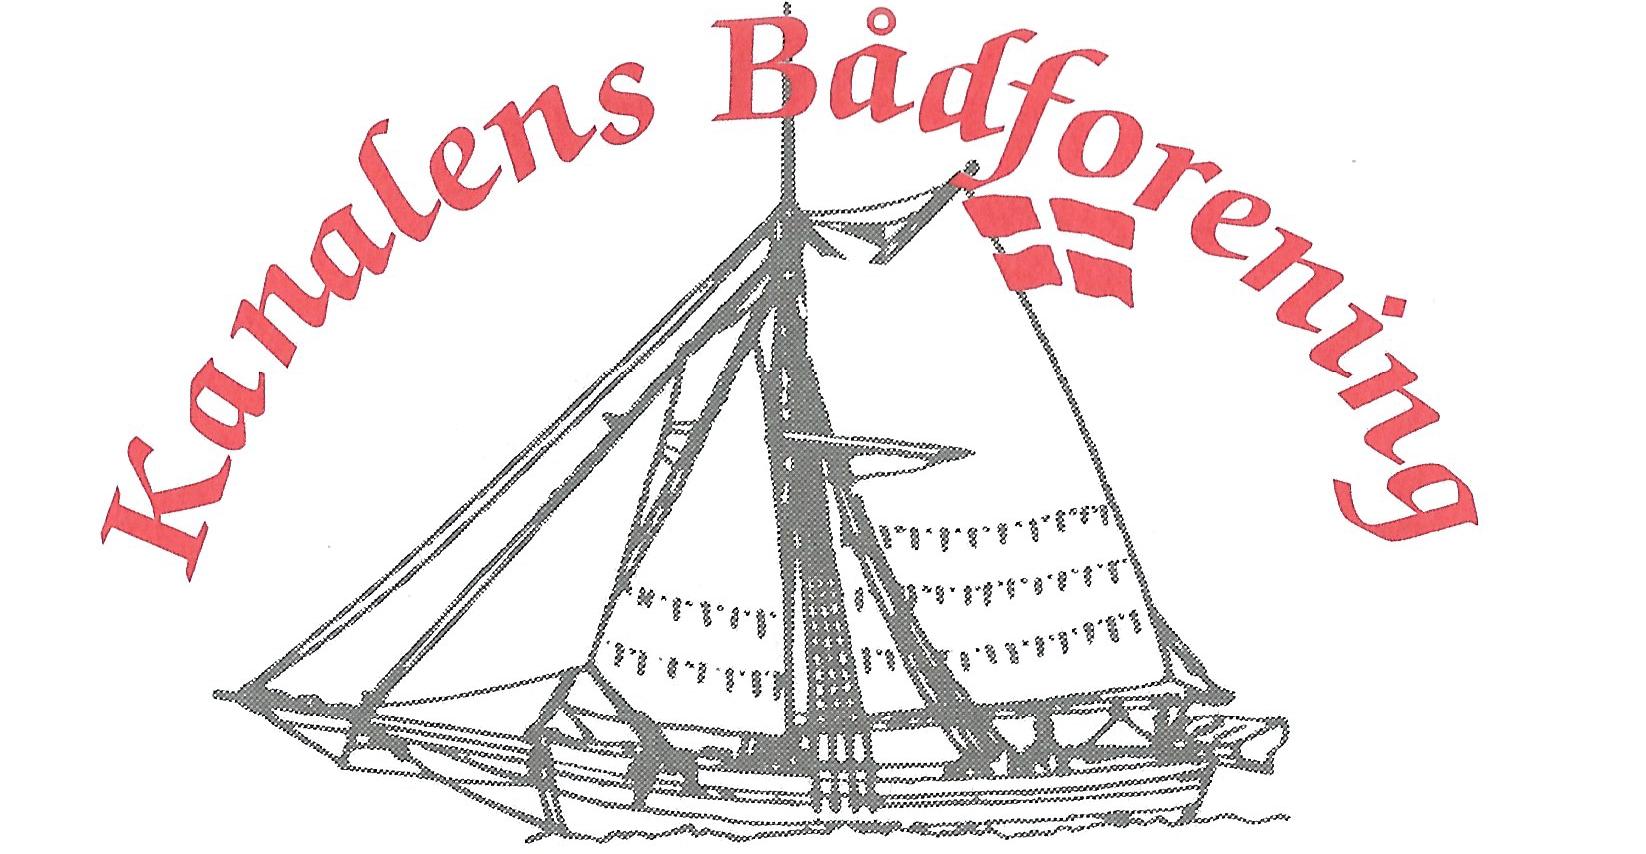 Kanalens Bådforening logo